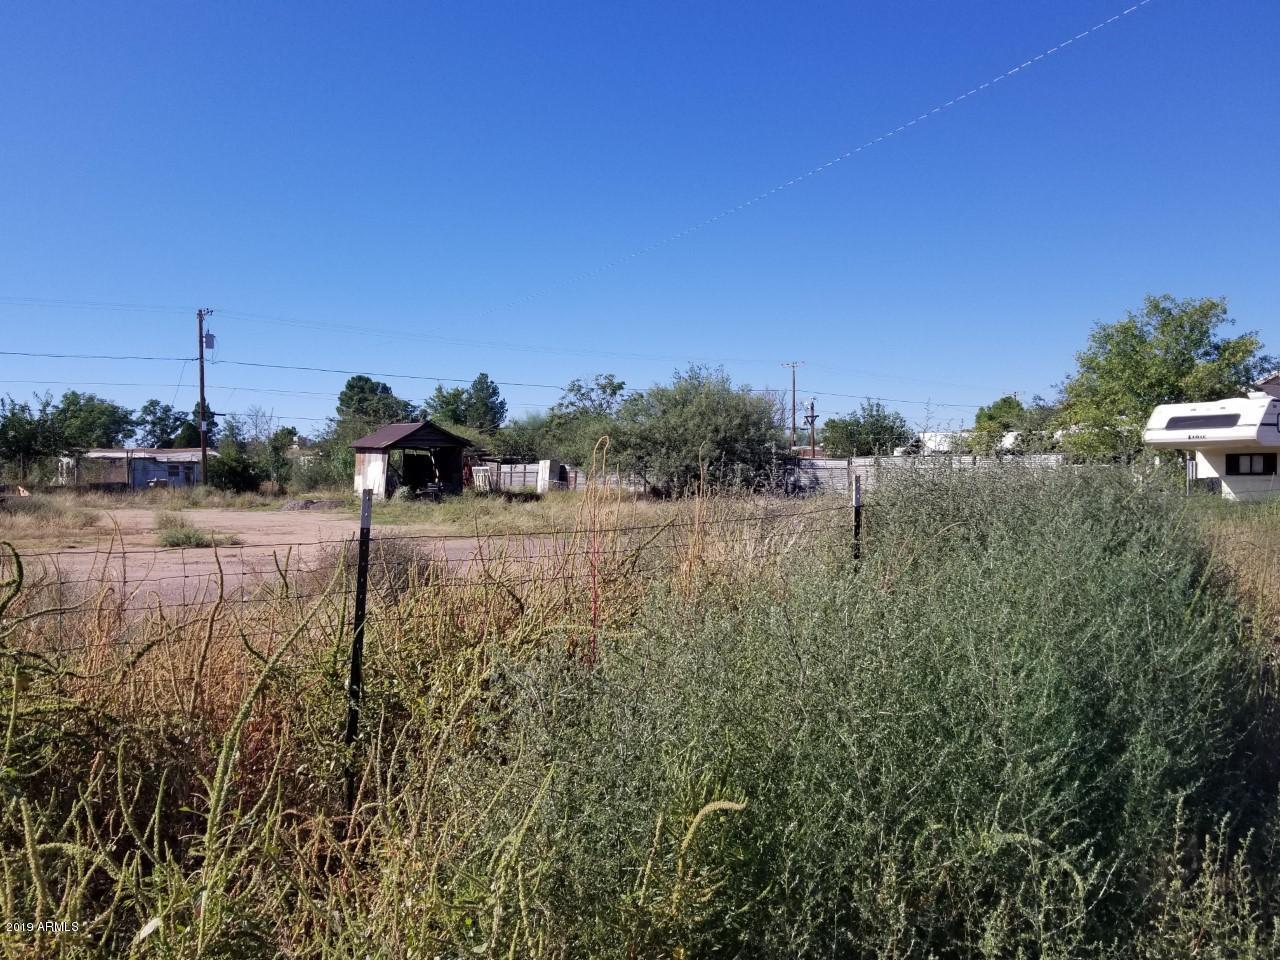 XXXX E 21st Street # 19, Douglas, Arizona 85607, ,Land,For Sale,XXXX E 21st Street # 19,5989347